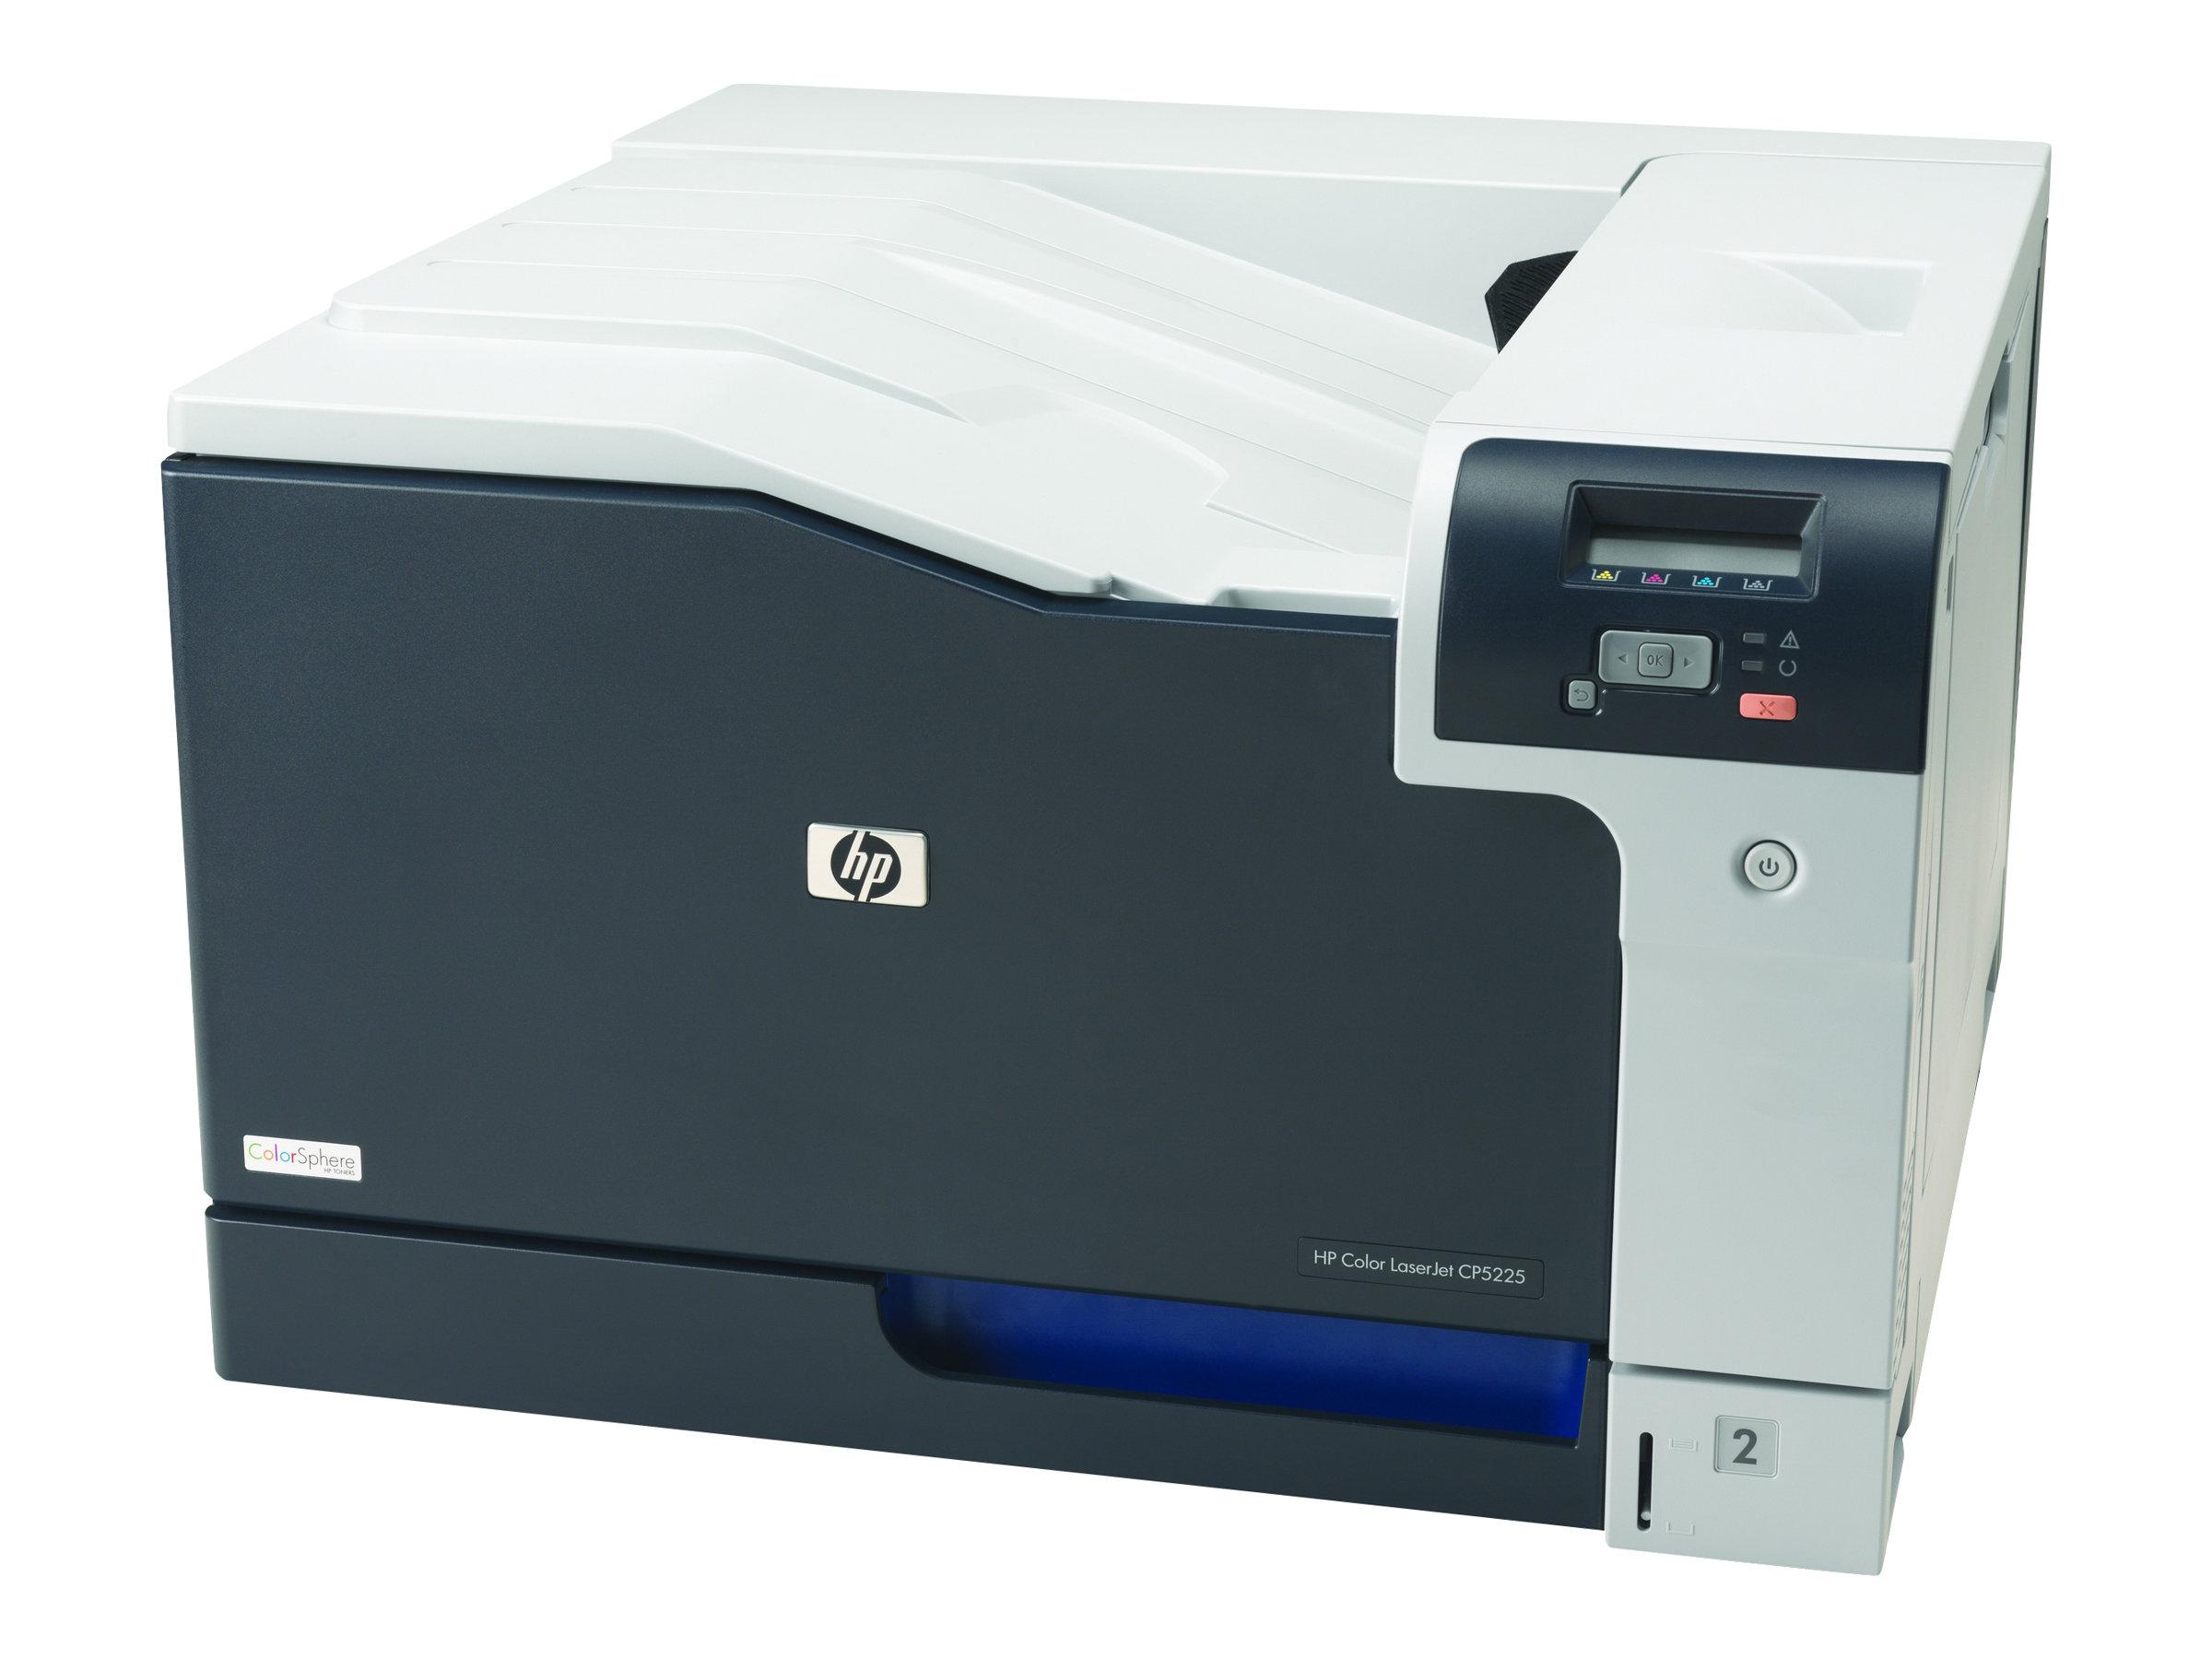 Vorschau: HP Color LaserJet Professional CP5225n - Drucker - Farbe - Laser - A3 - 600 dpi - bis zu 20 Seiten/Min. (einfarbig)/